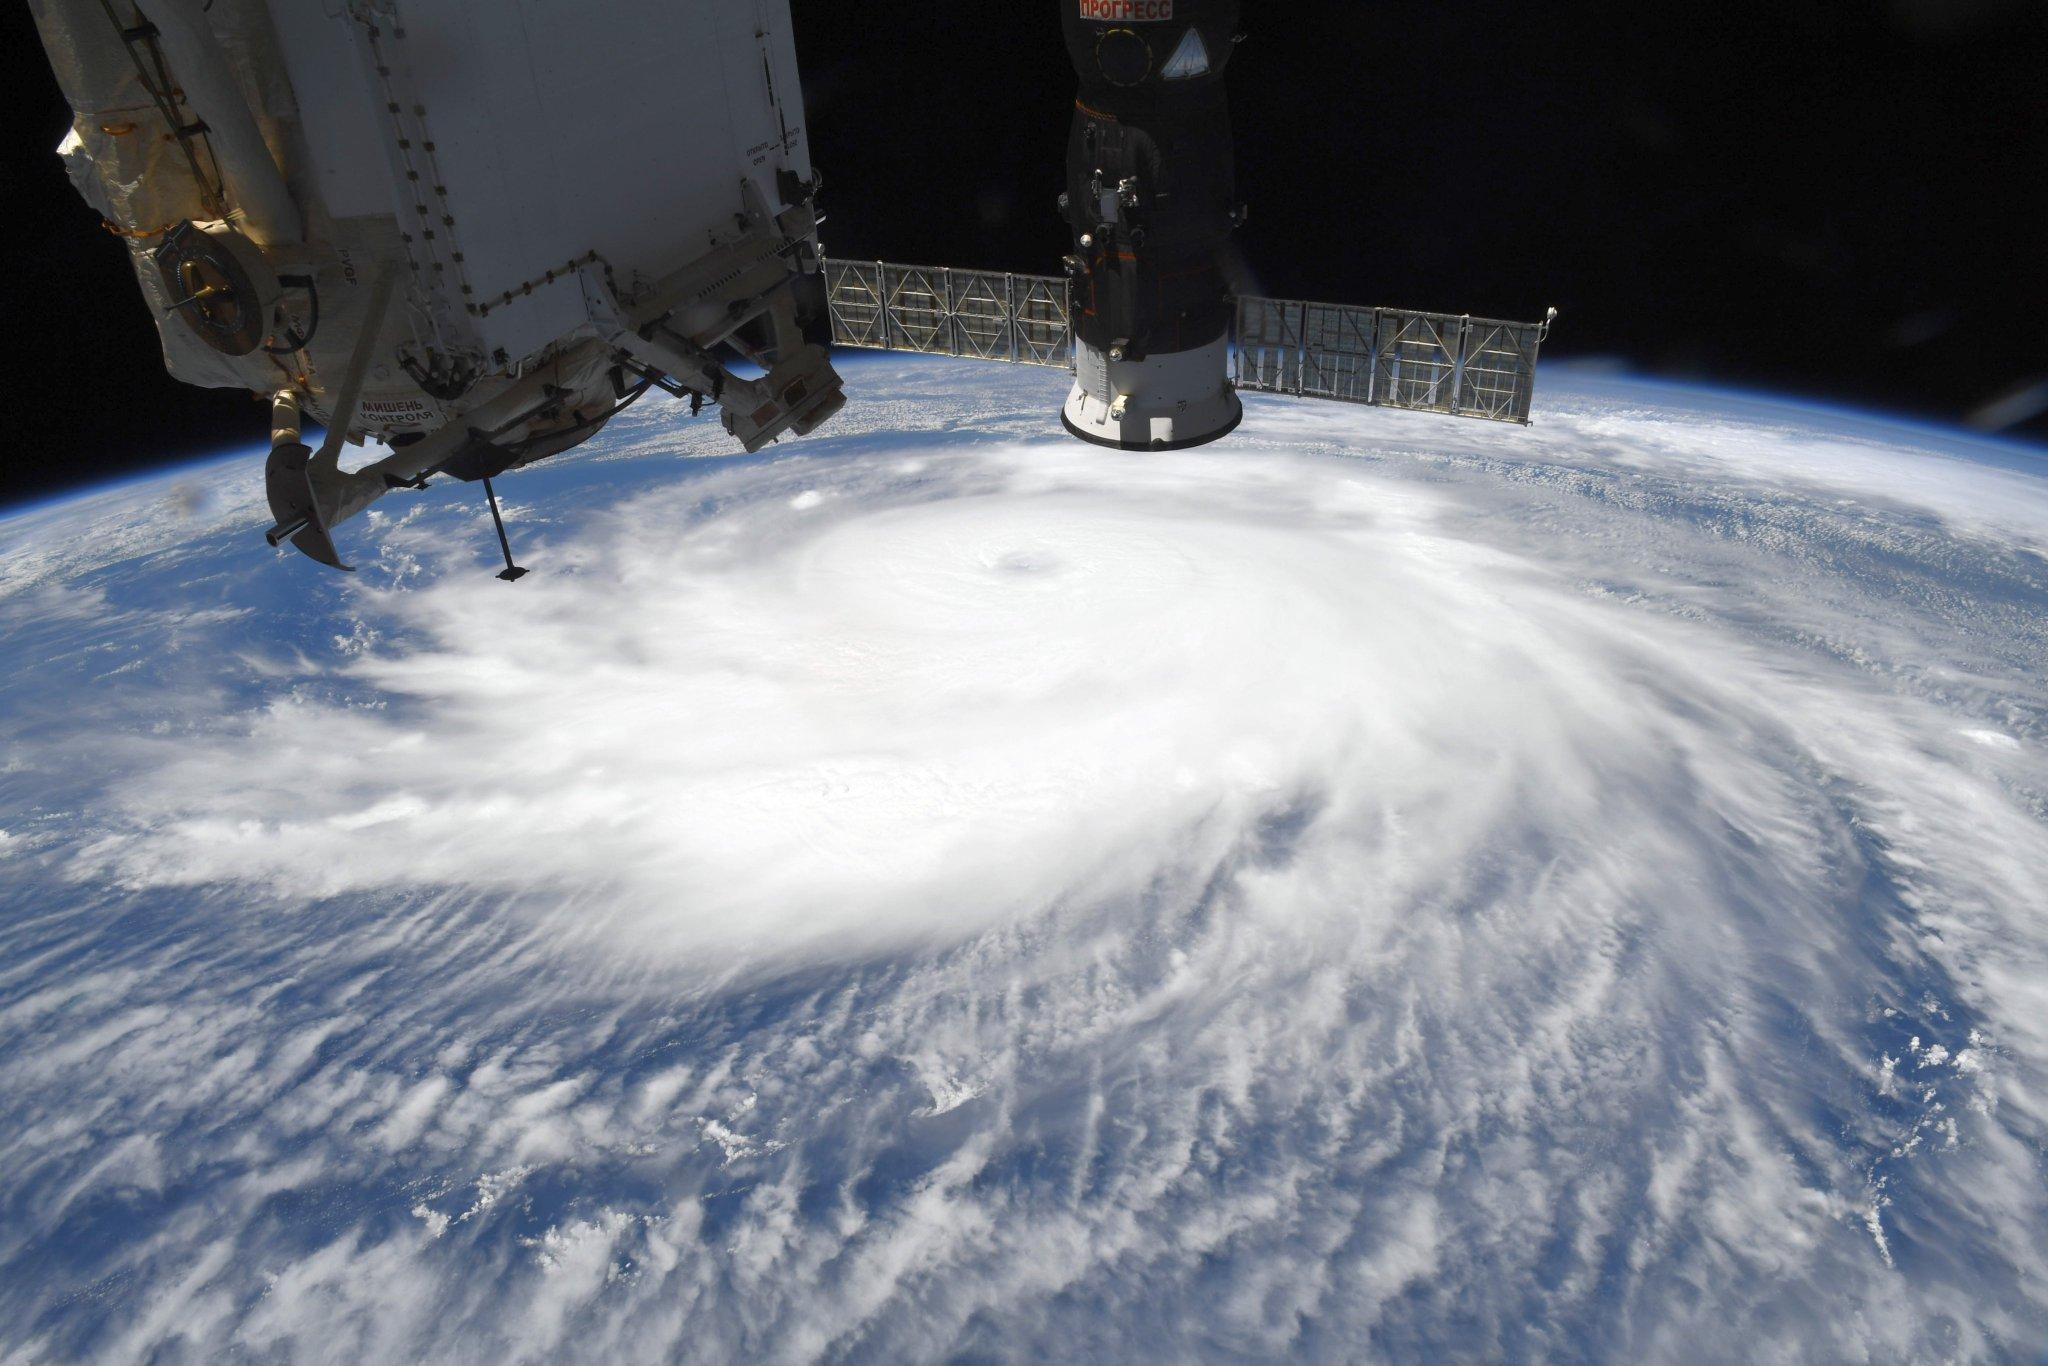 As imagens do furacão monstro Laura visto do espaço